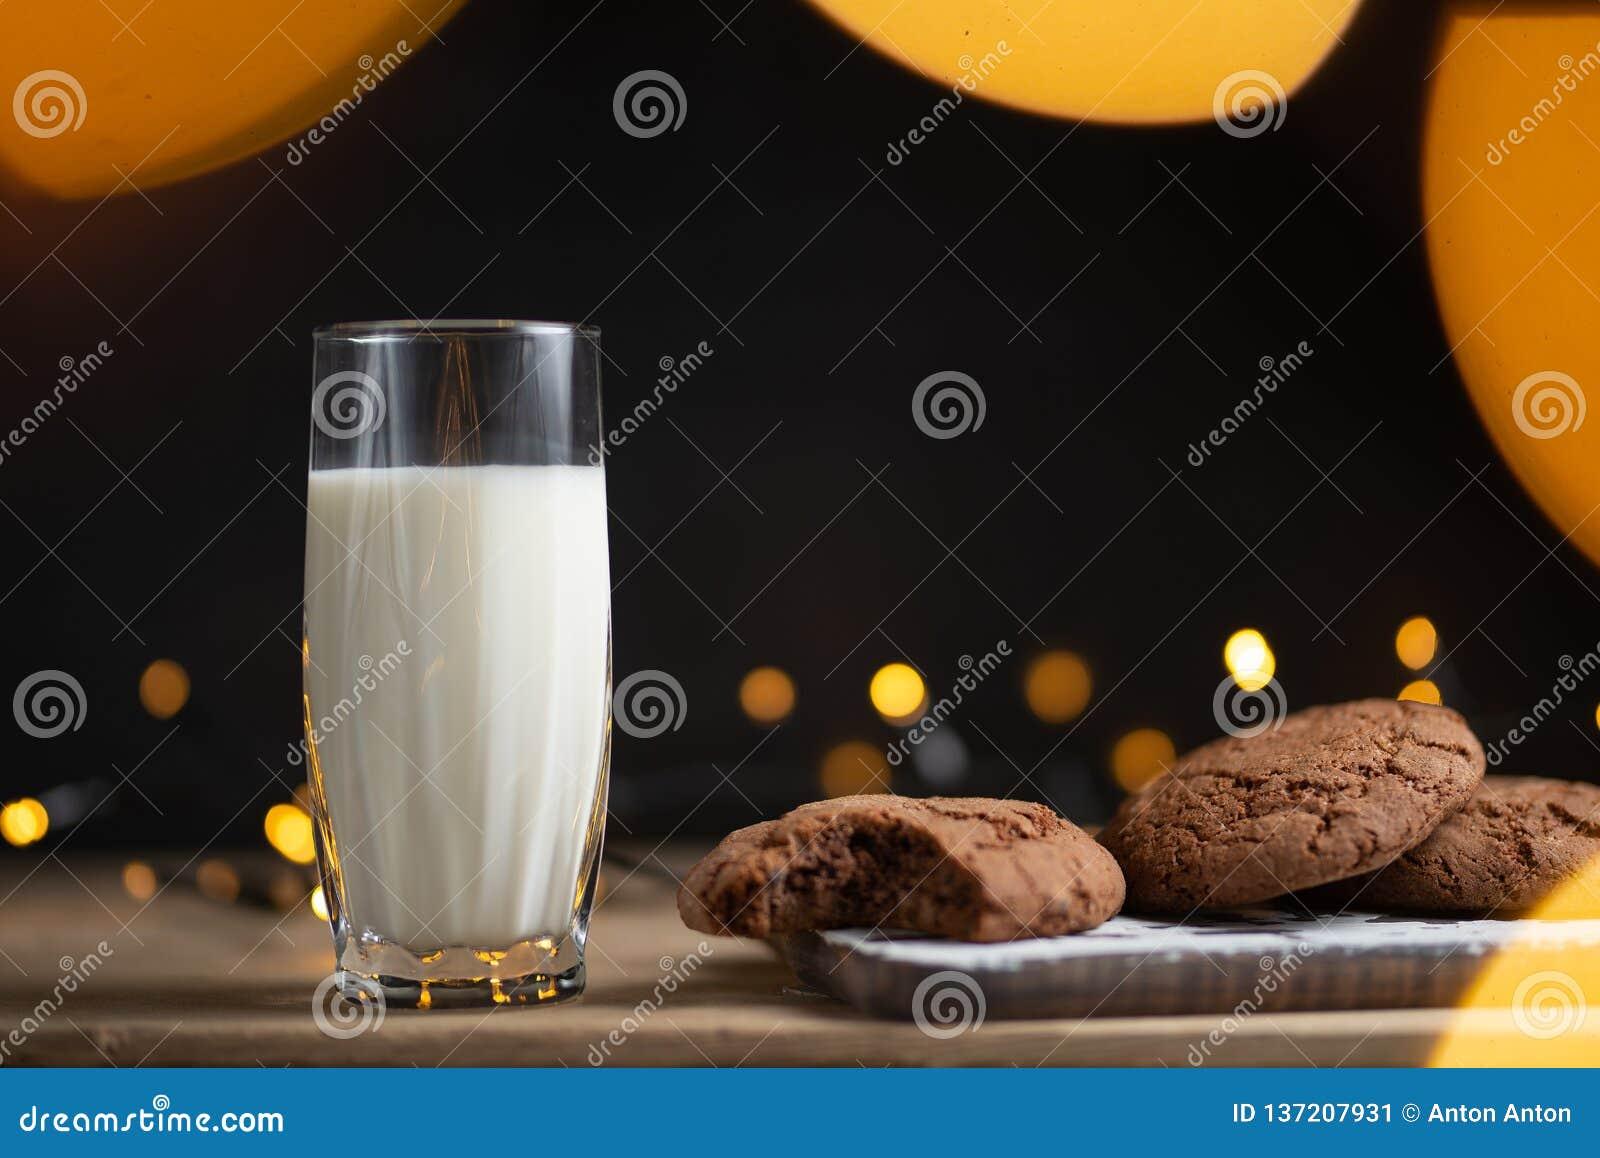 Vidro da foto do leite com cookies caseiros, fundo bonito com luzes no borrão